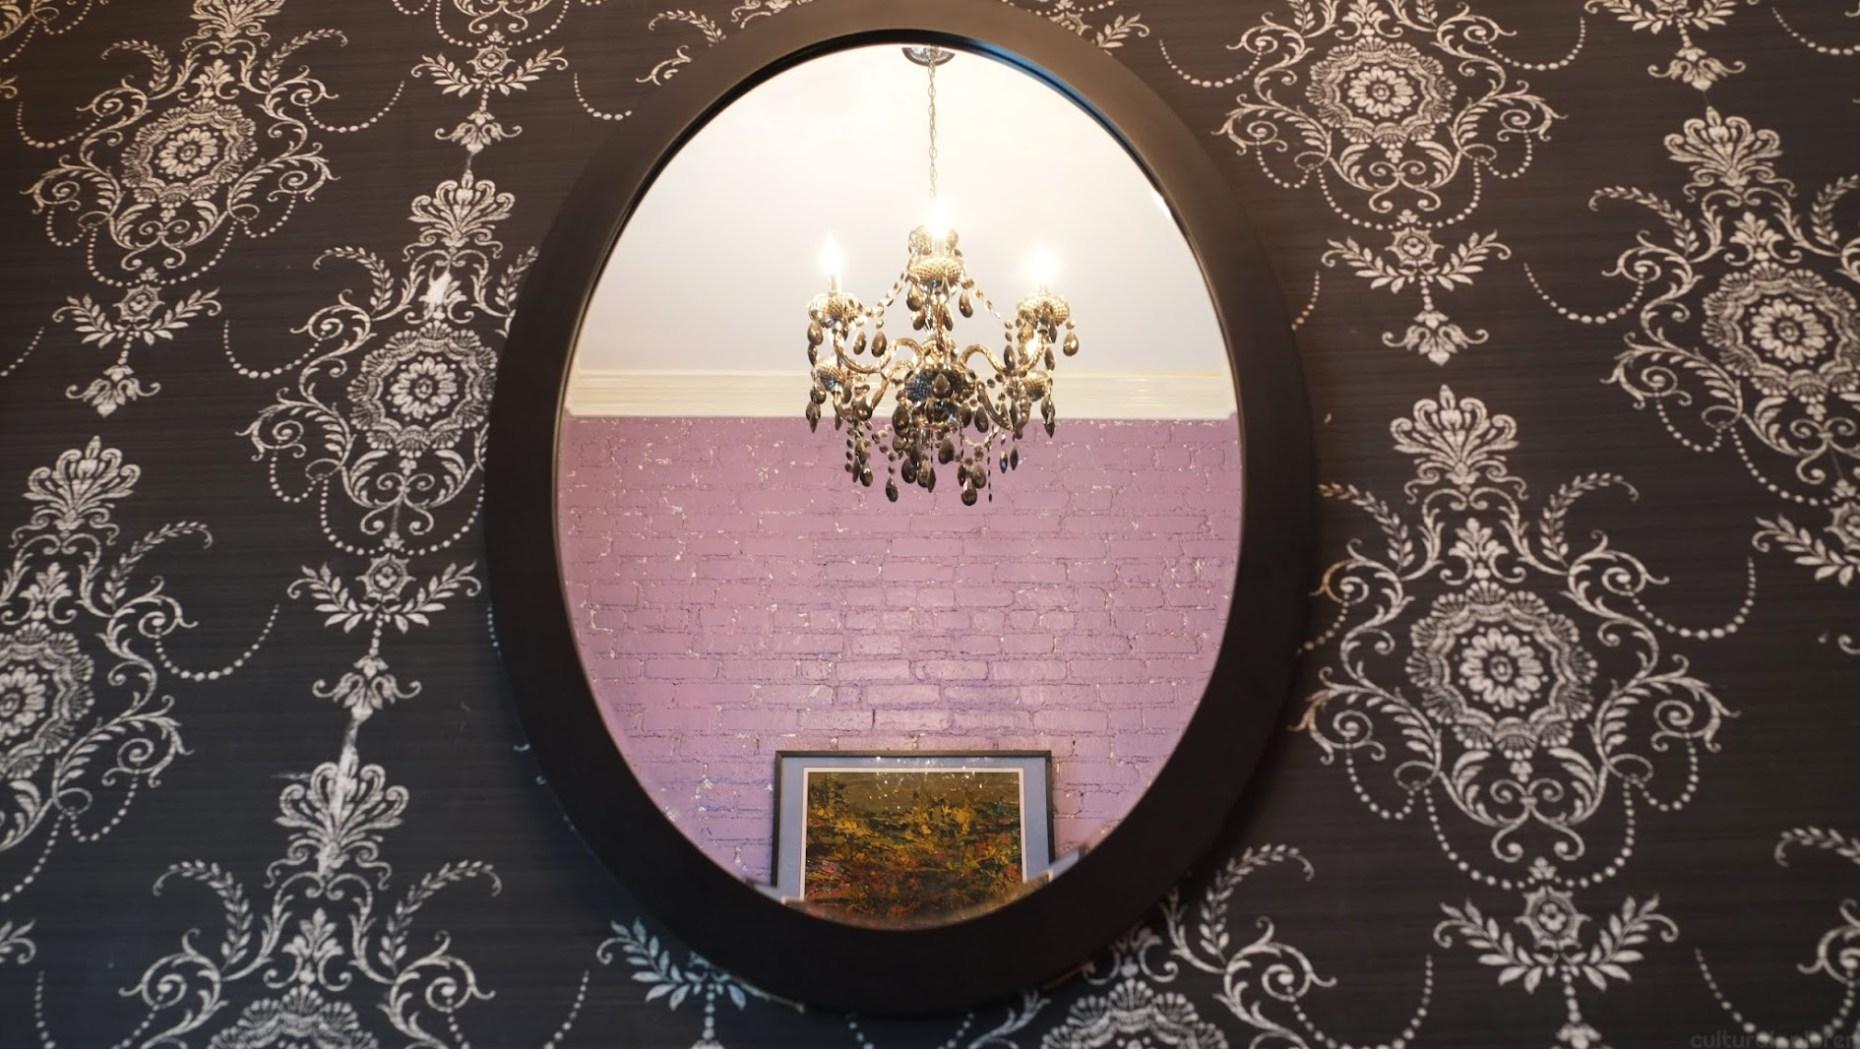 La Maison d'Art Victorian Room